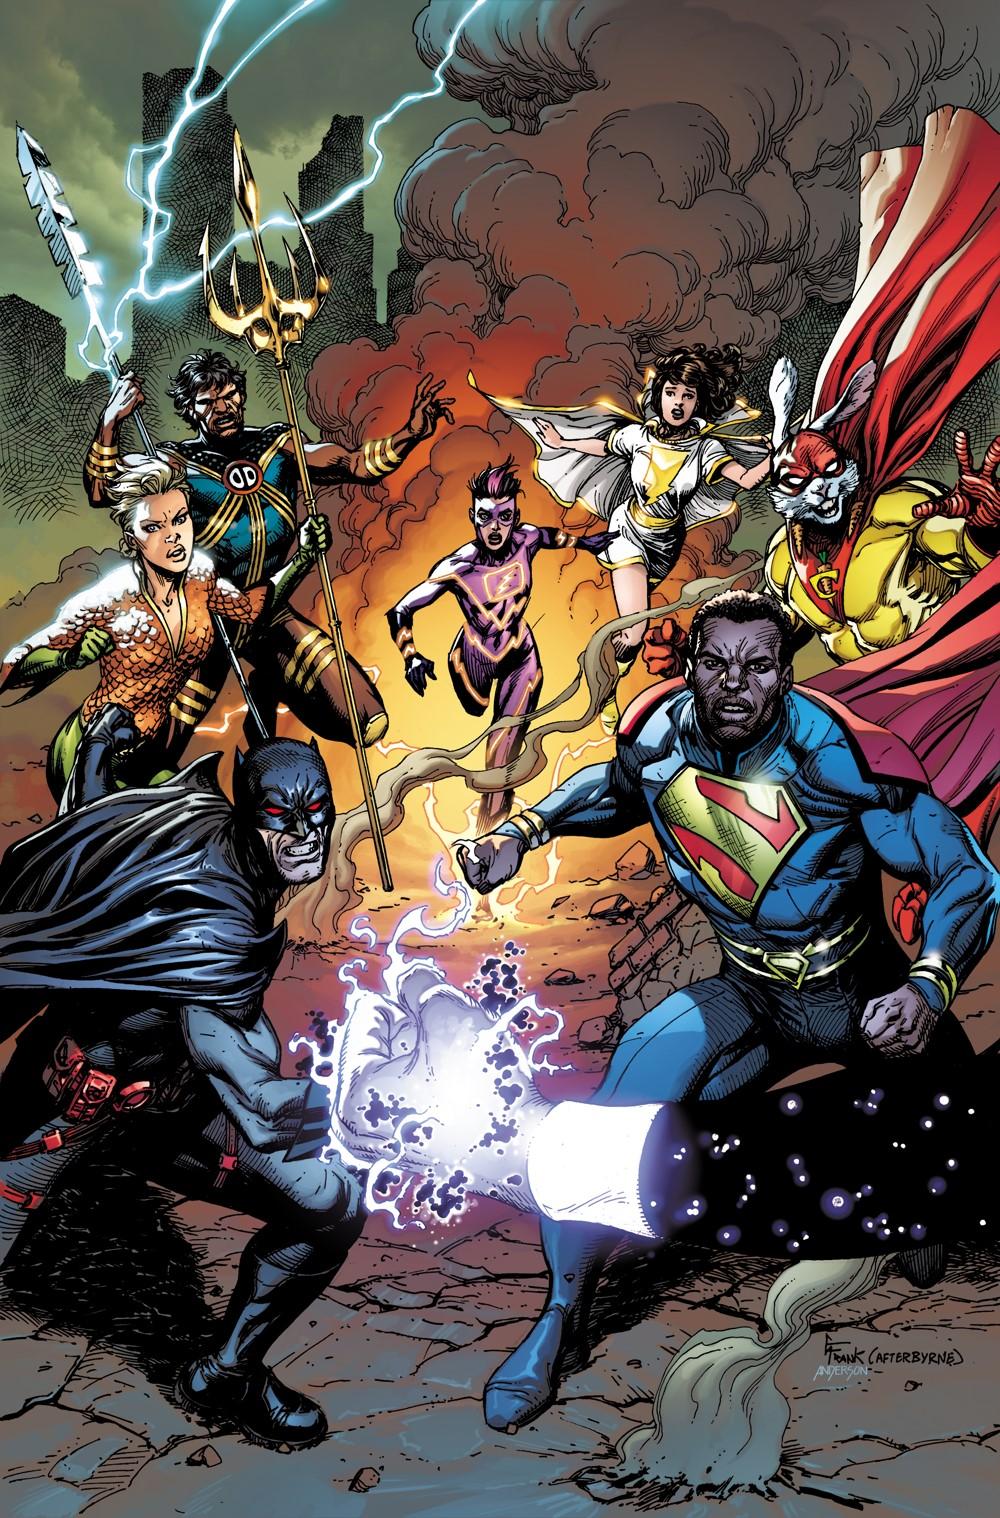 JL_Incarnate_Cv1 DC Comics November 2021 Solicitations